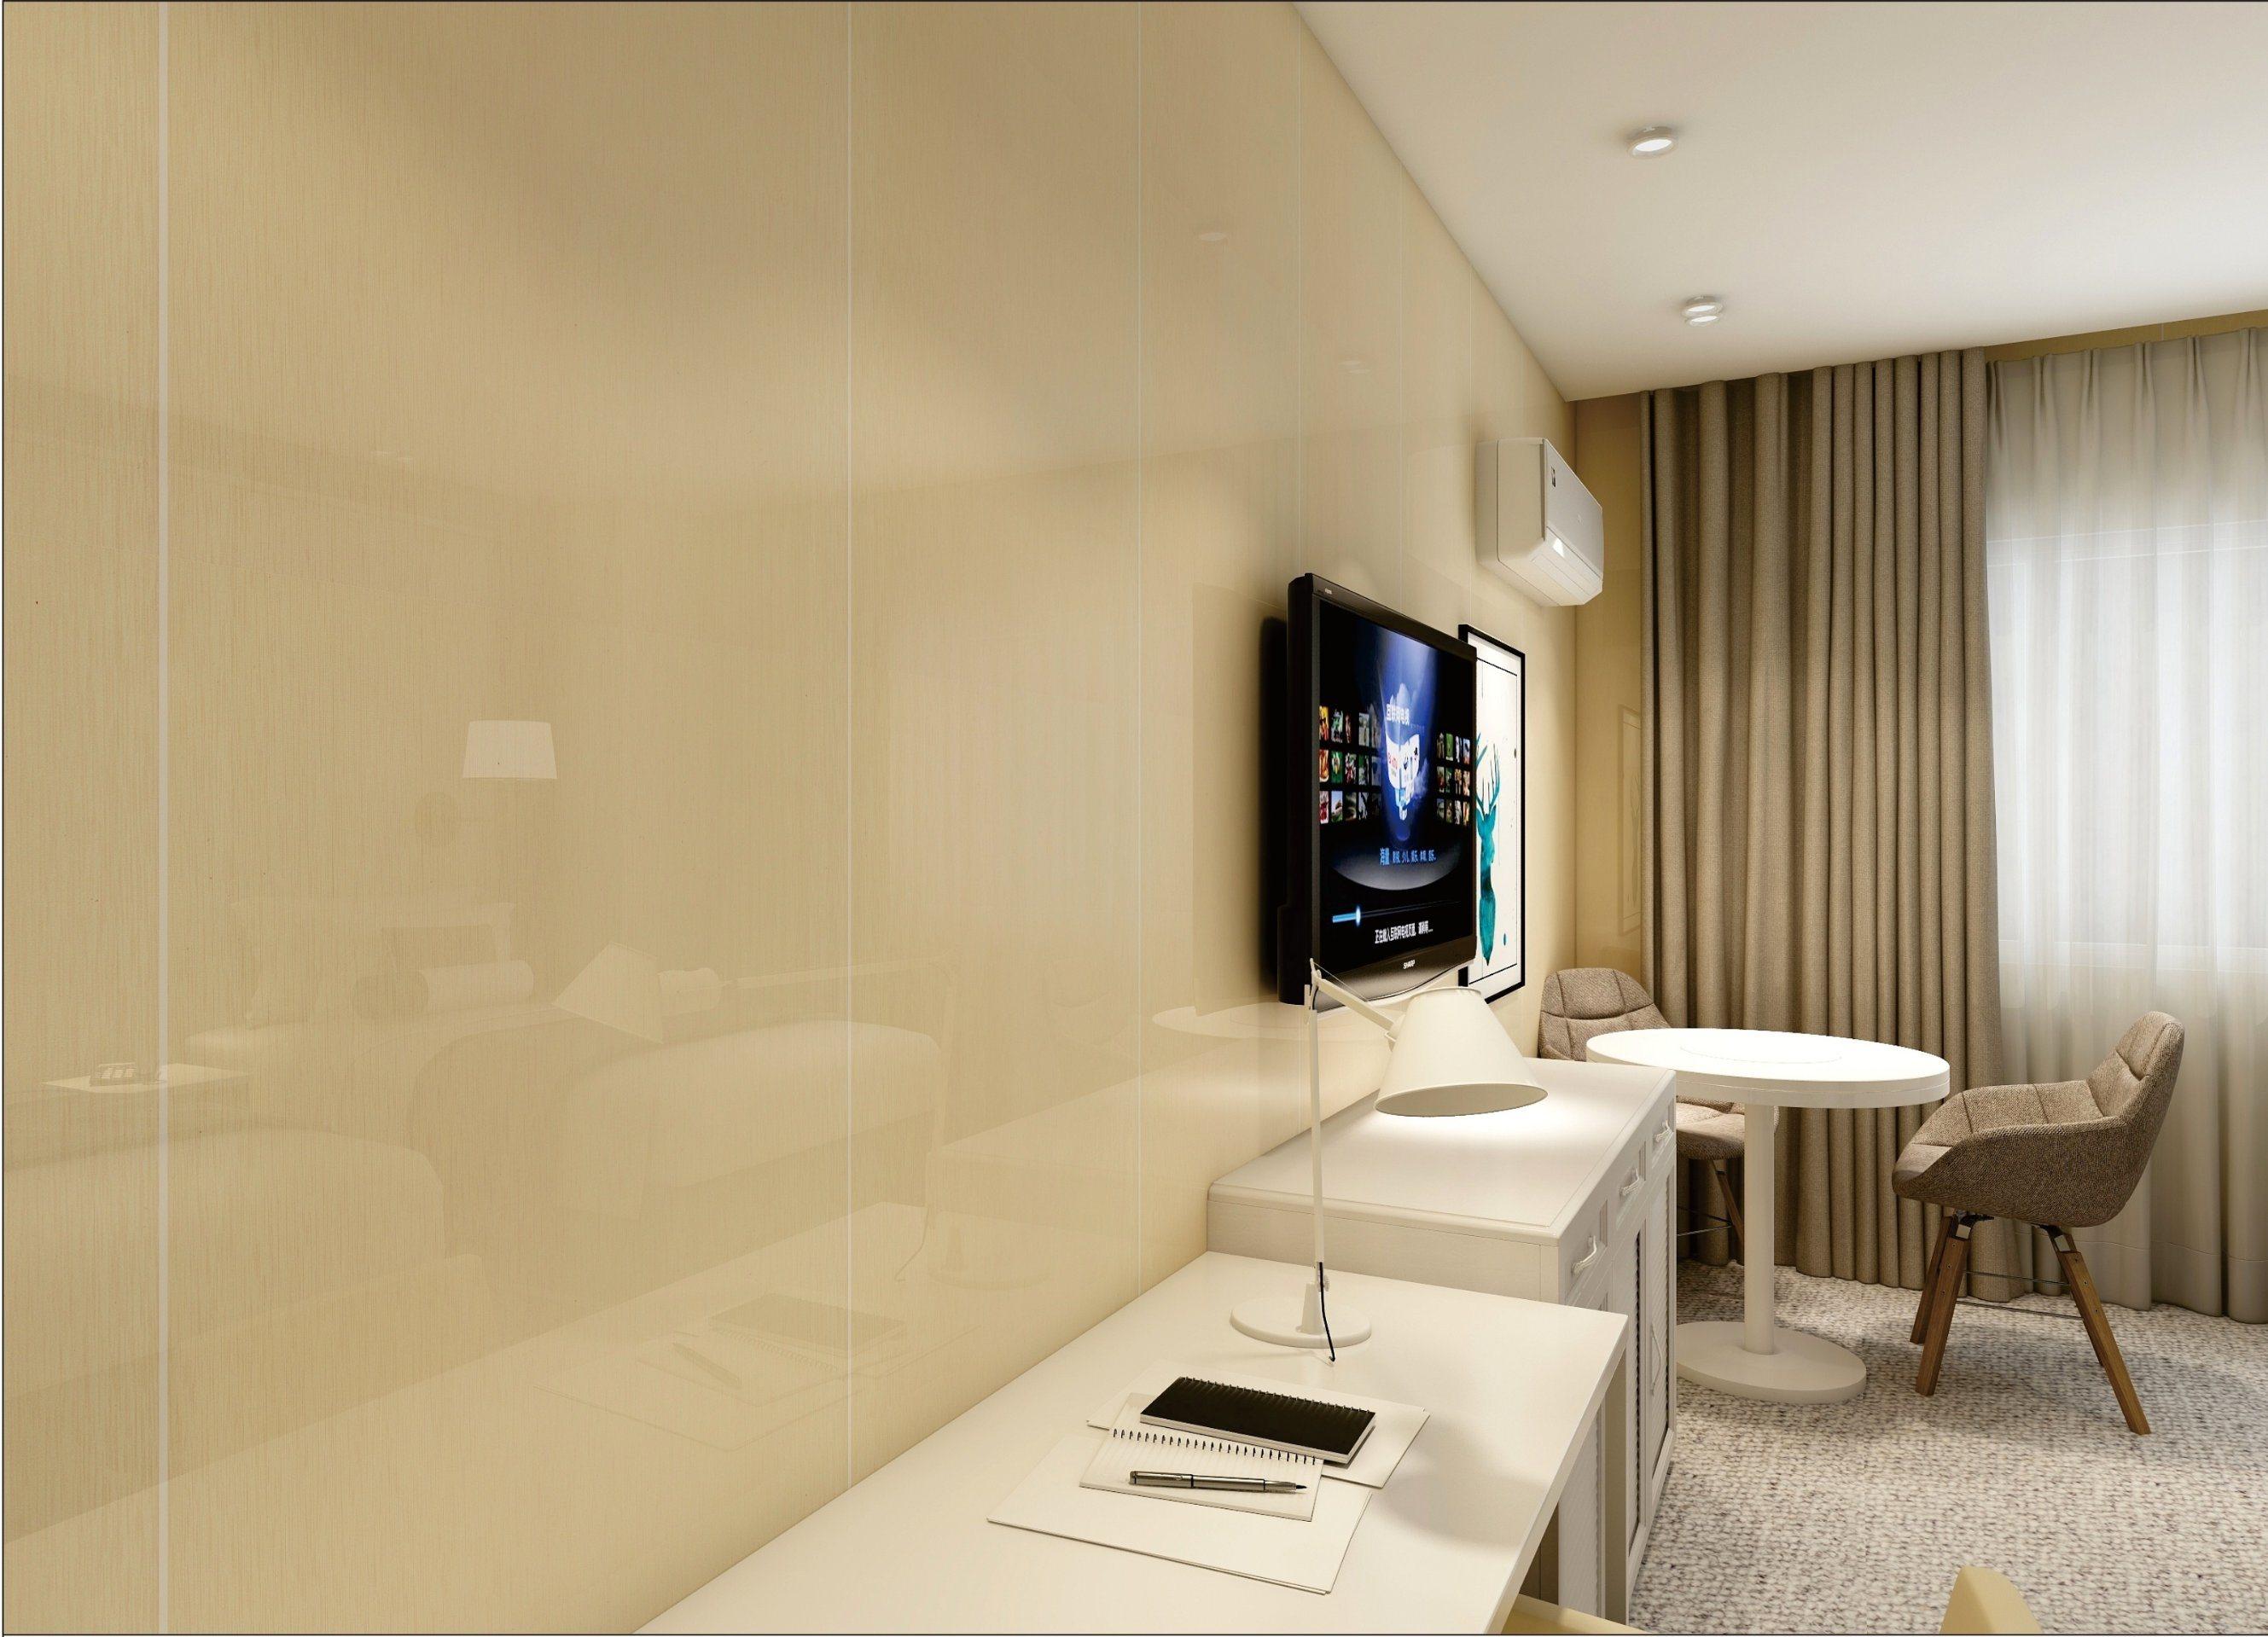 China Decorative Thermal Wall Panels, Decorative Thermal Wall Panels ...